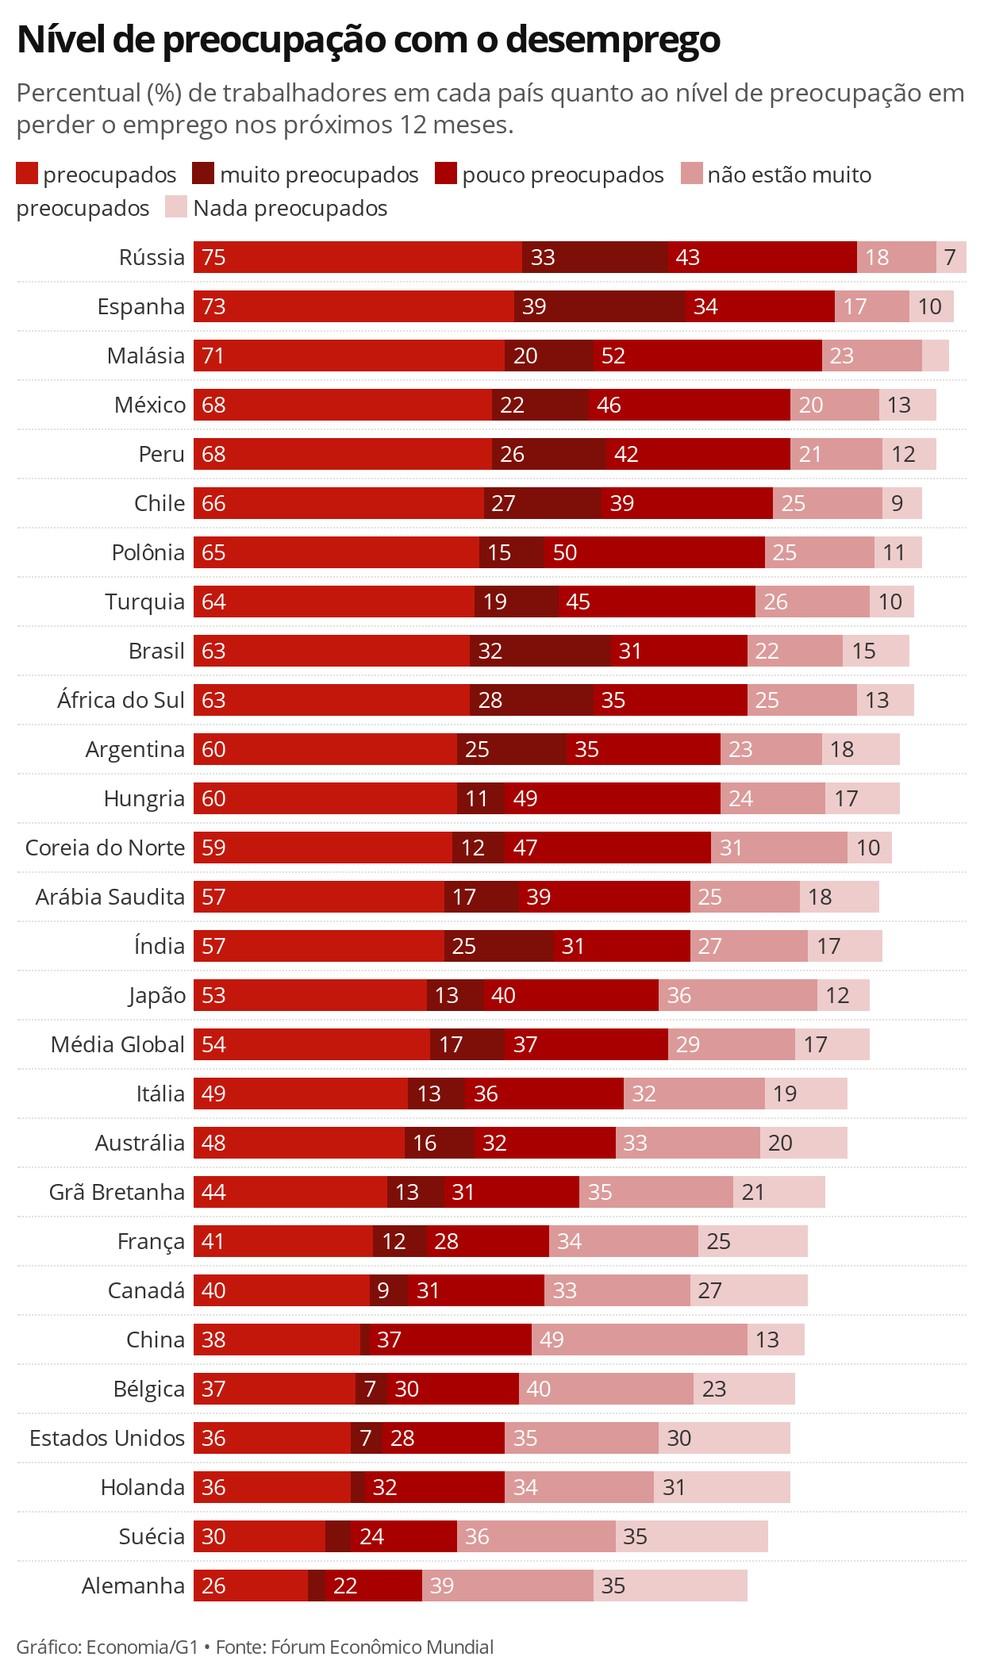 Brasil é o terceiro país com a maior proporção de trabalhadores muito preocupados com o desemprego — Foto: Economia/G1